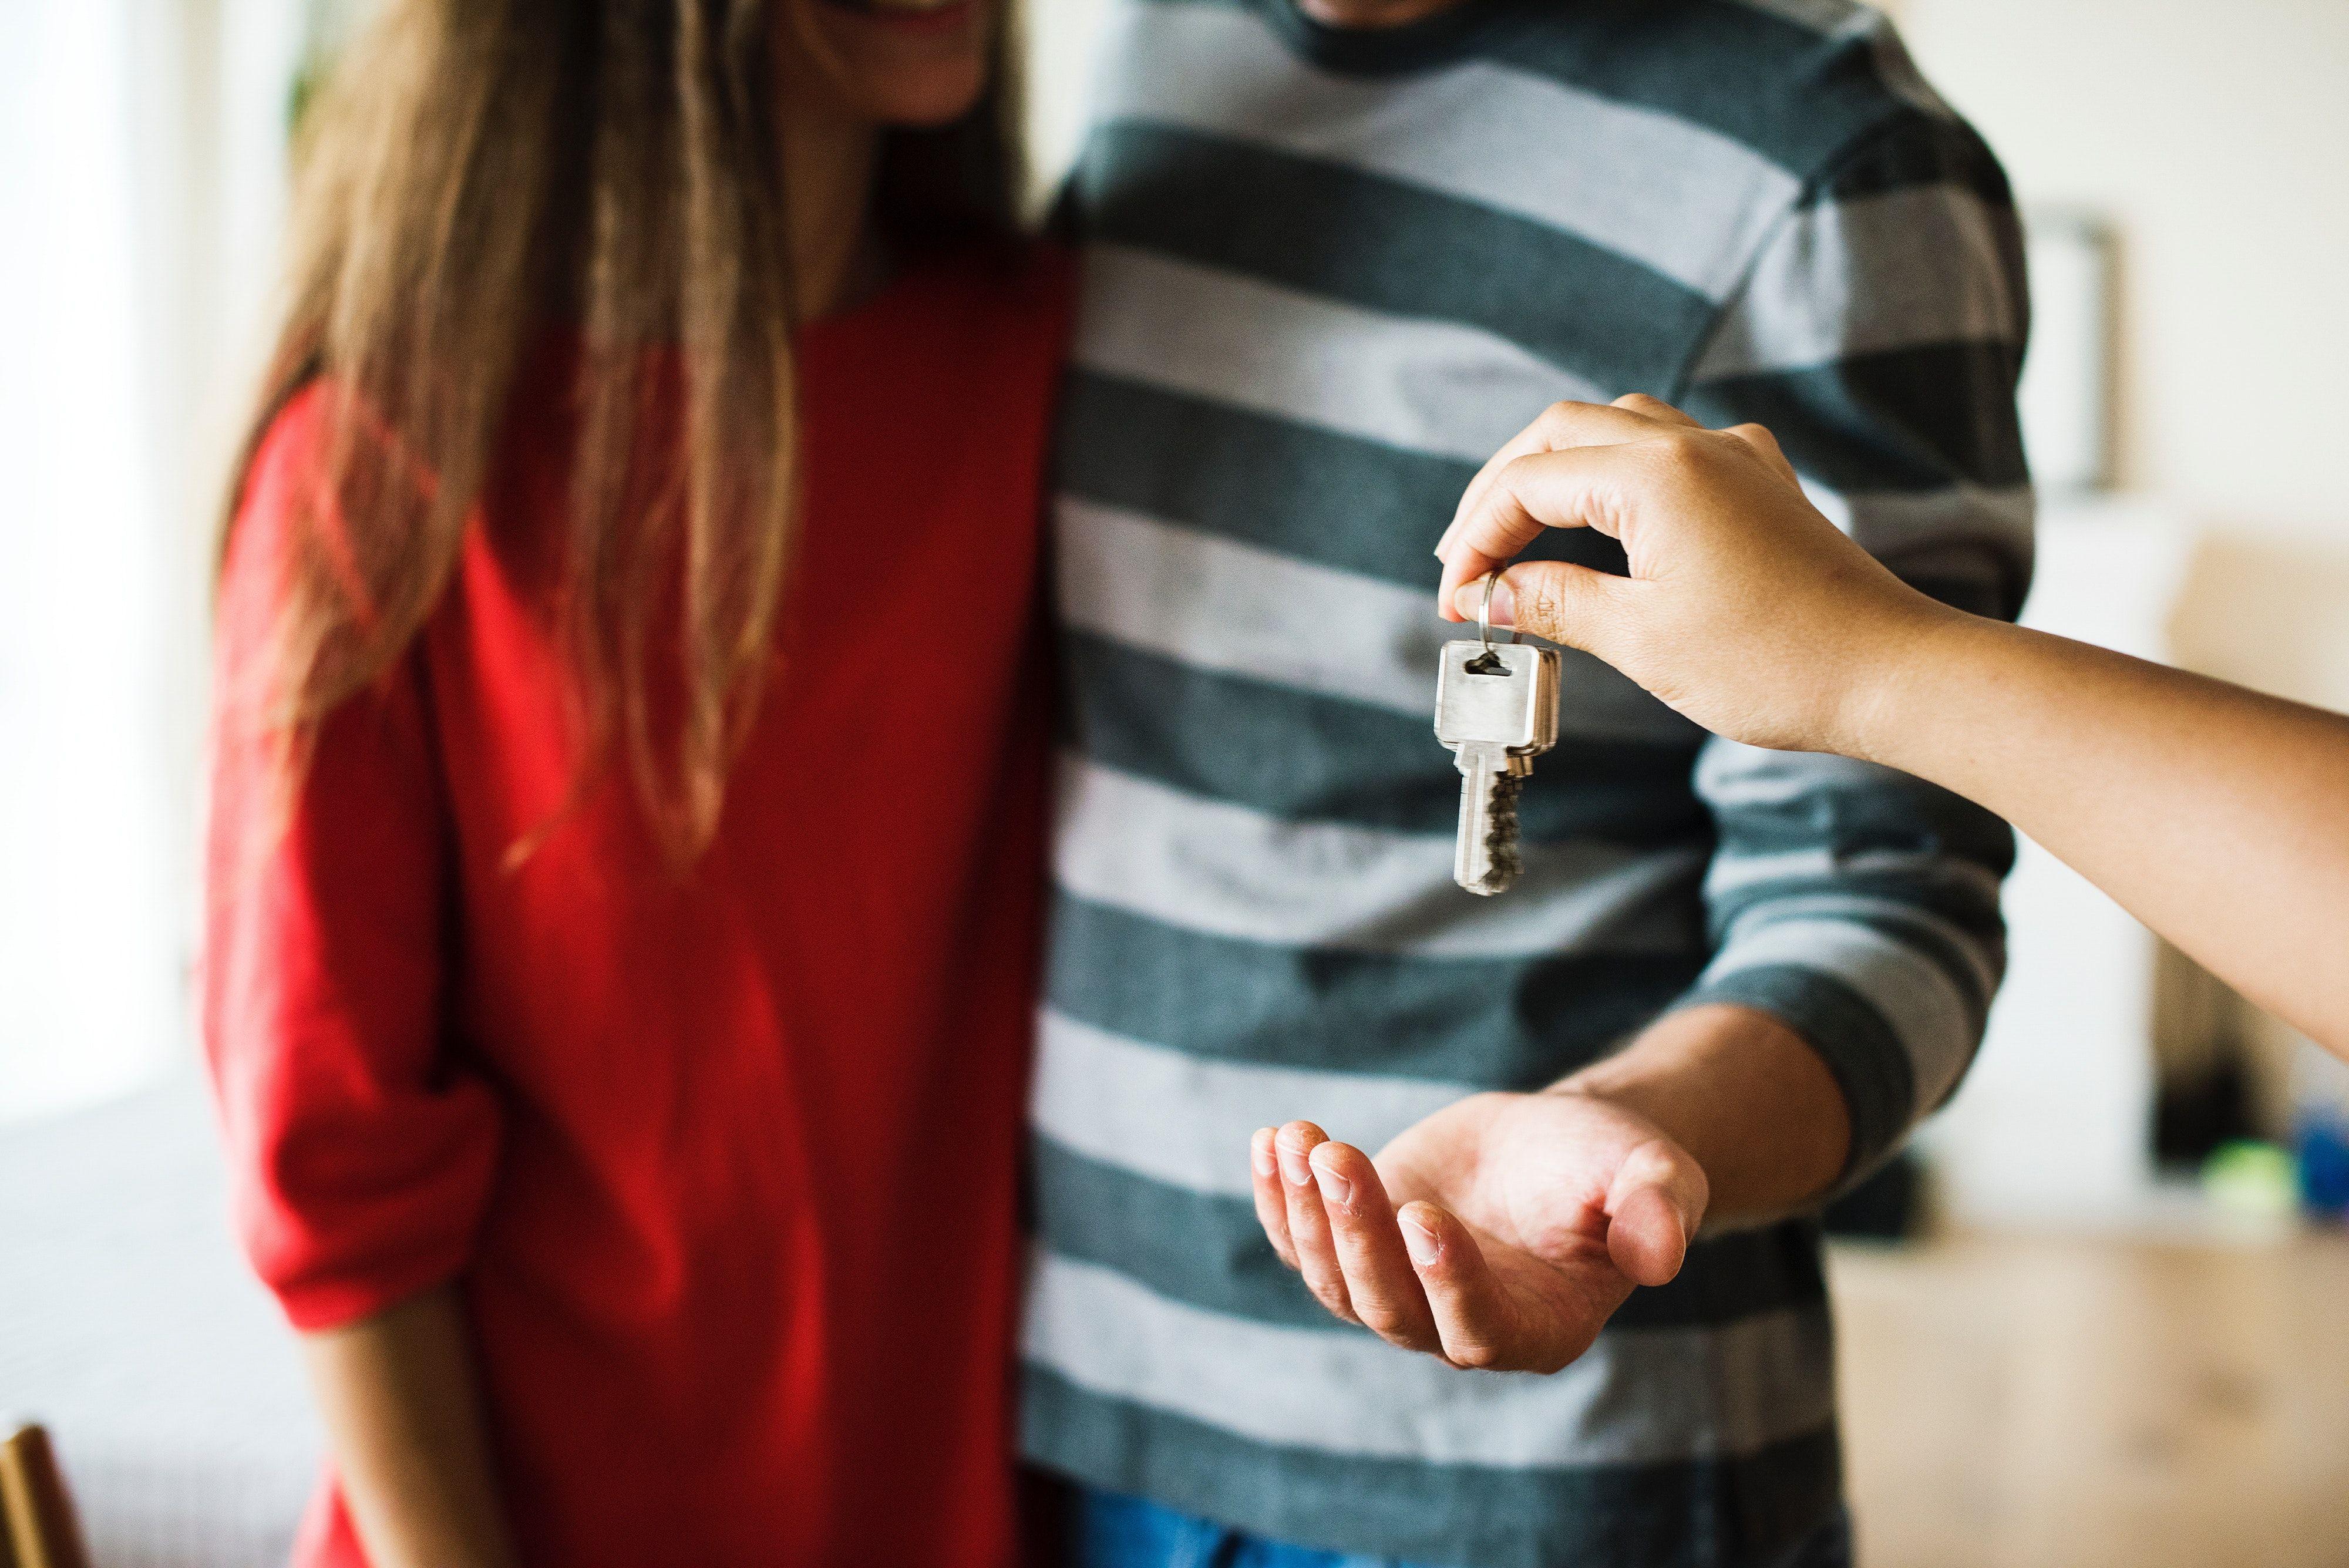 Algunos consejos para una correcta búsqueda de vivienda